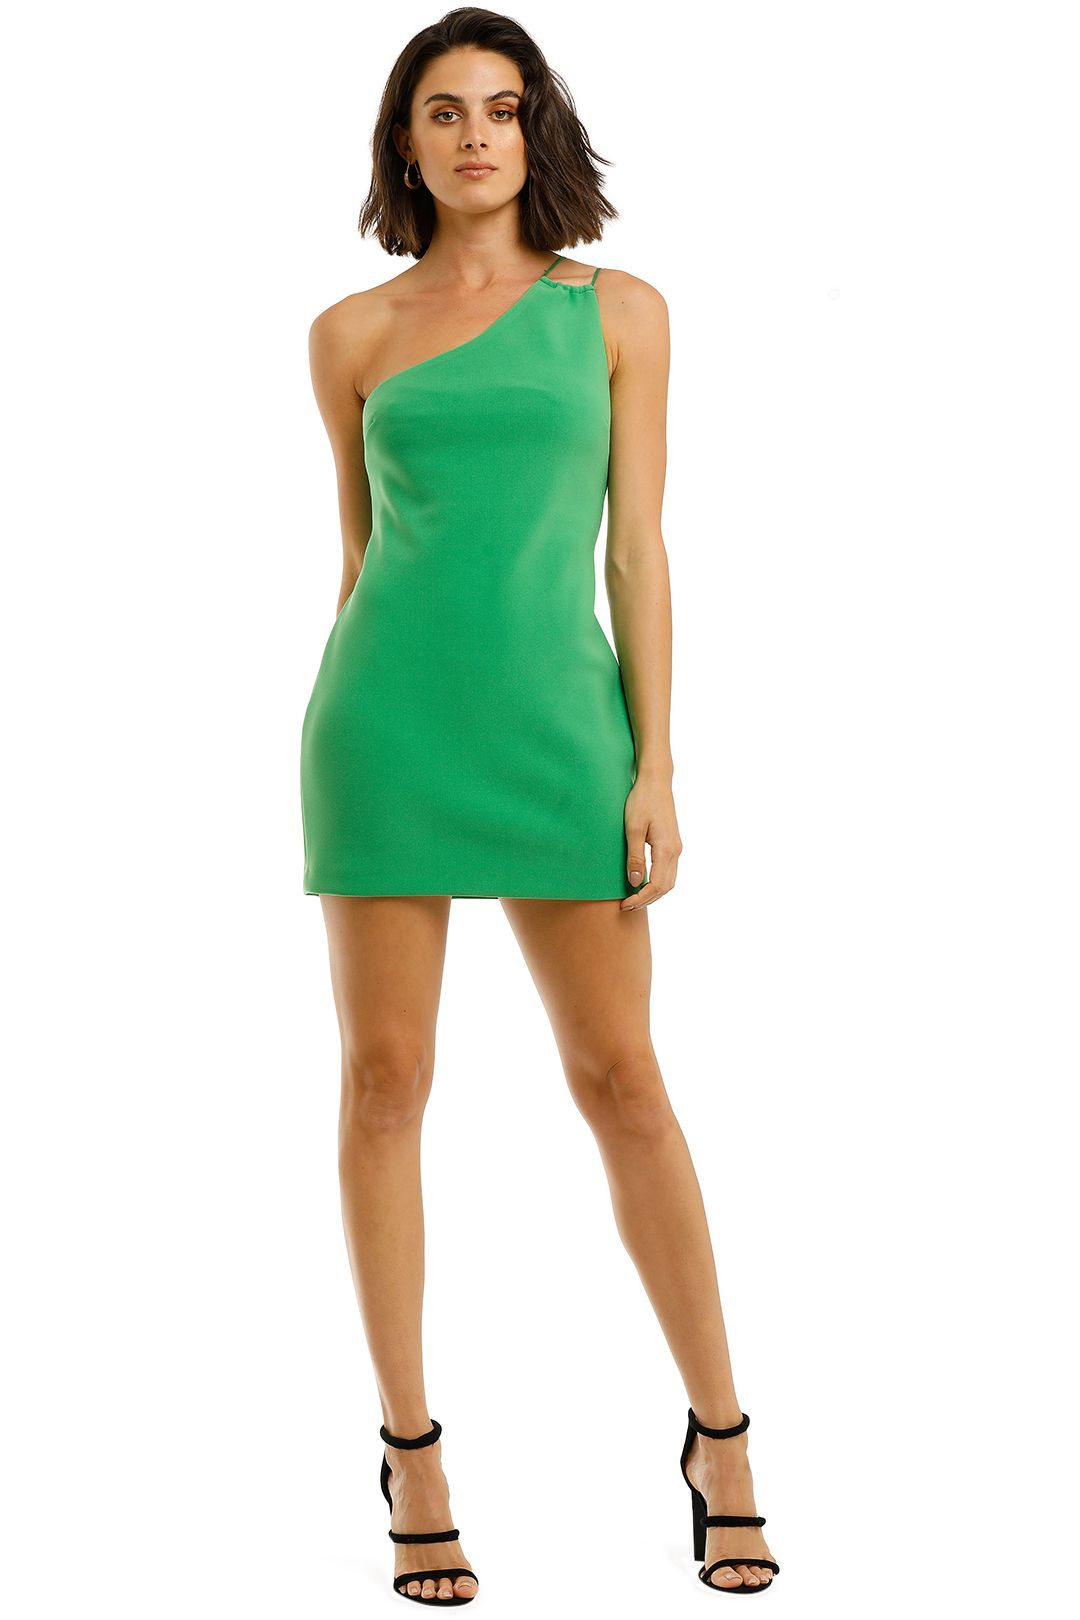 Bec-and-Bridge-Emerald-Avenue-Mini-Dress-Green-Front